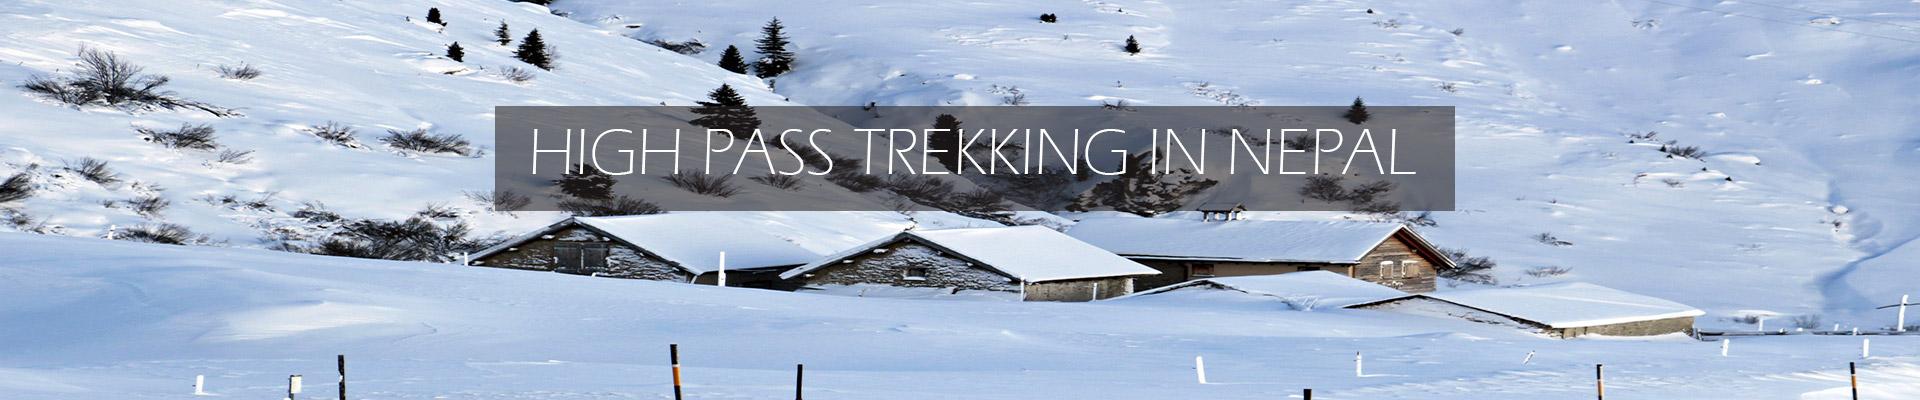 high pass trekking in Nepal